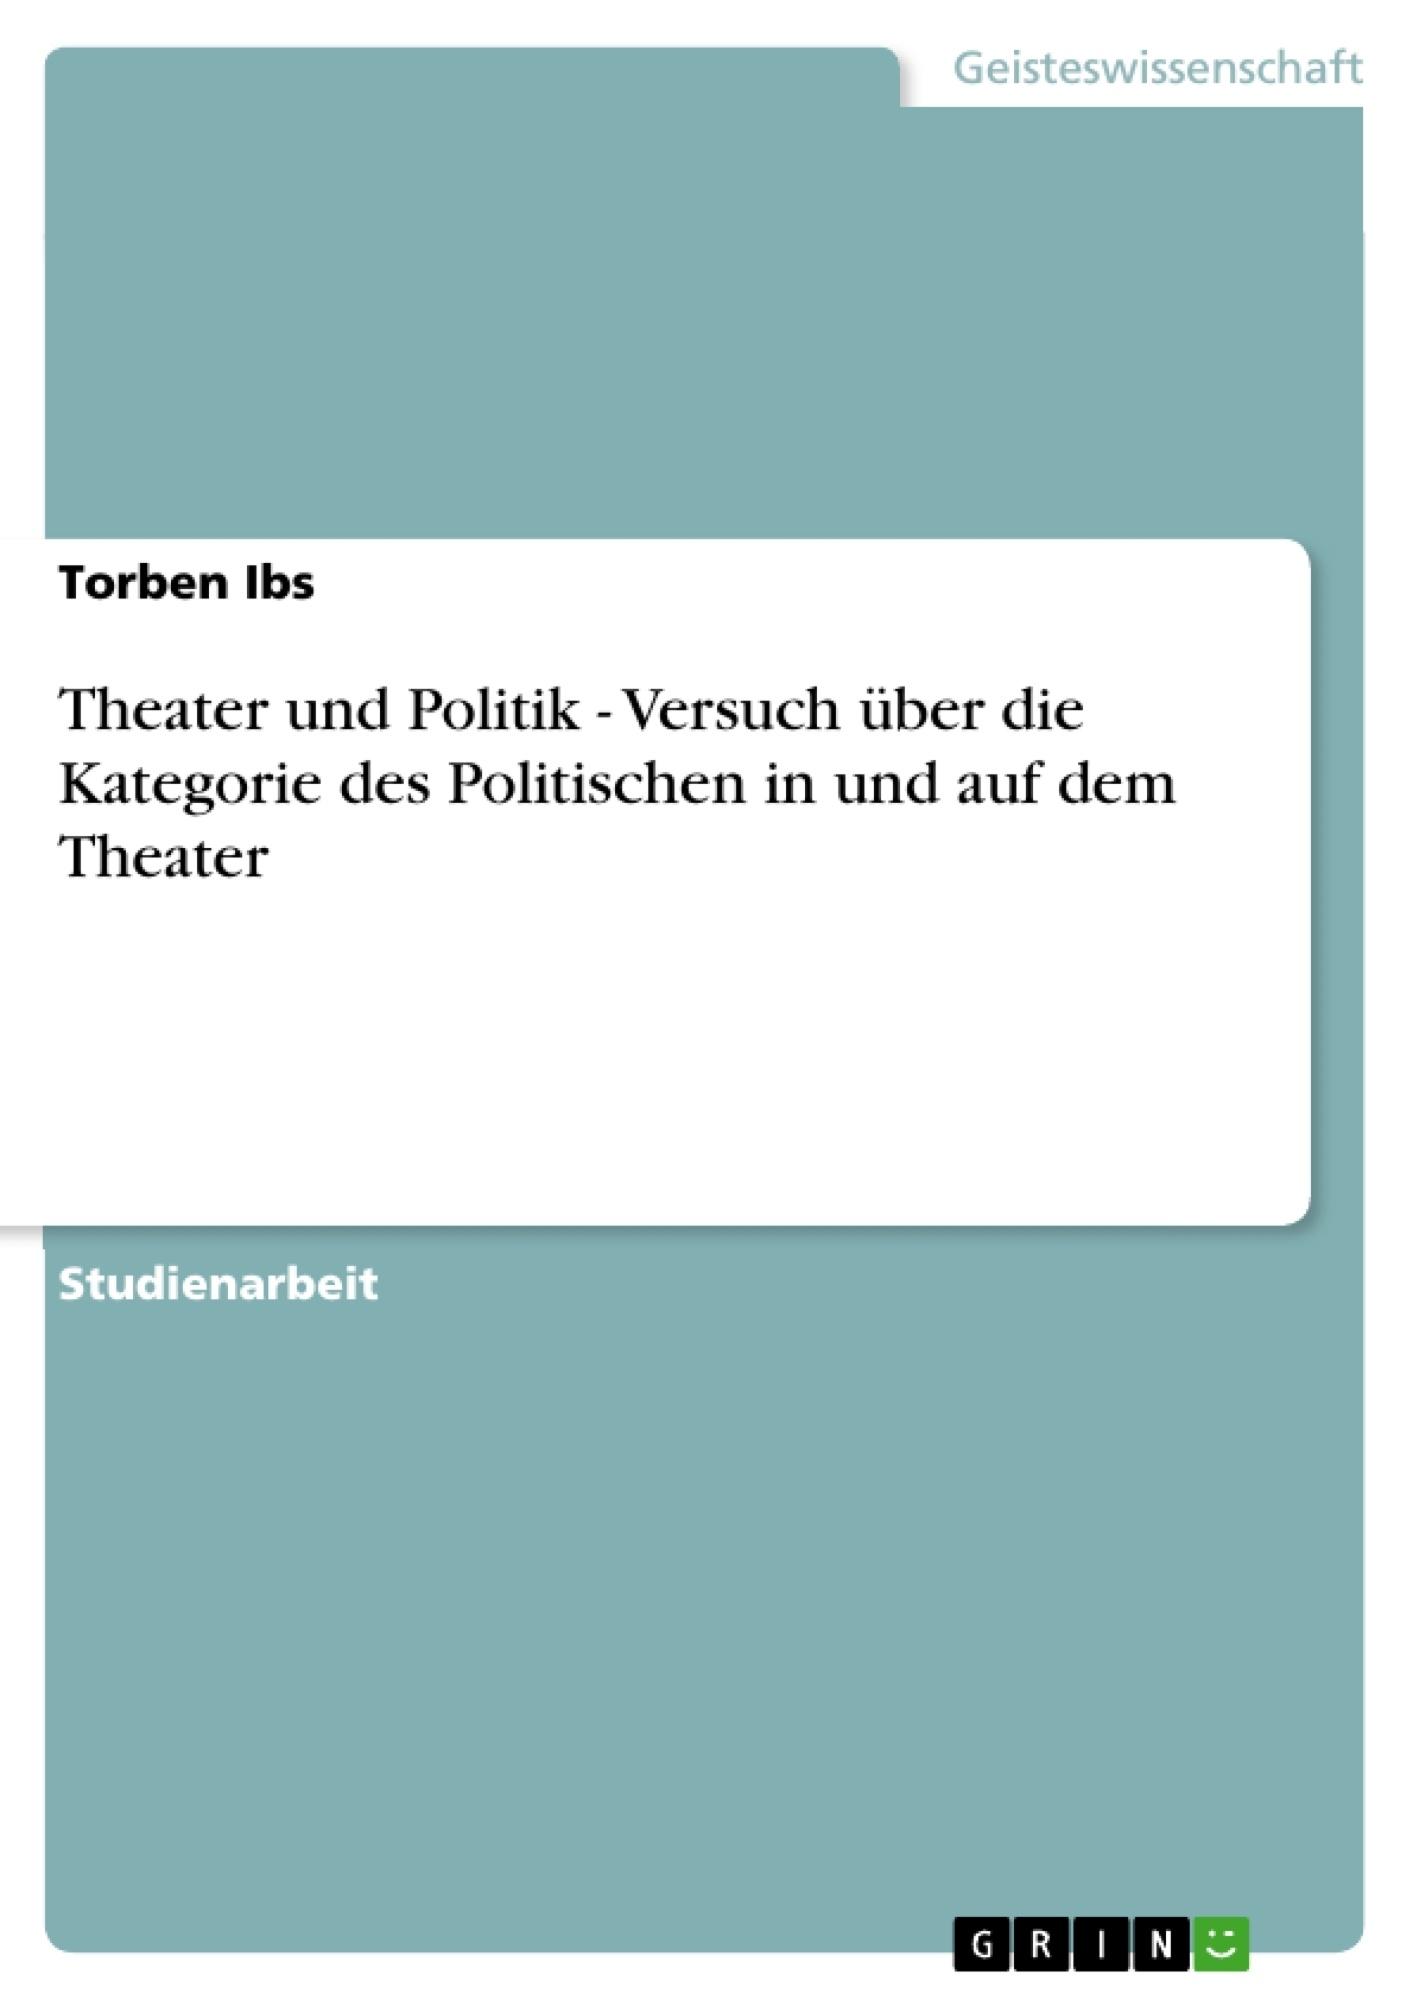 Titel: Theater und Politik - Versuch über die Kategorie des Politischen in und auf dem Theater